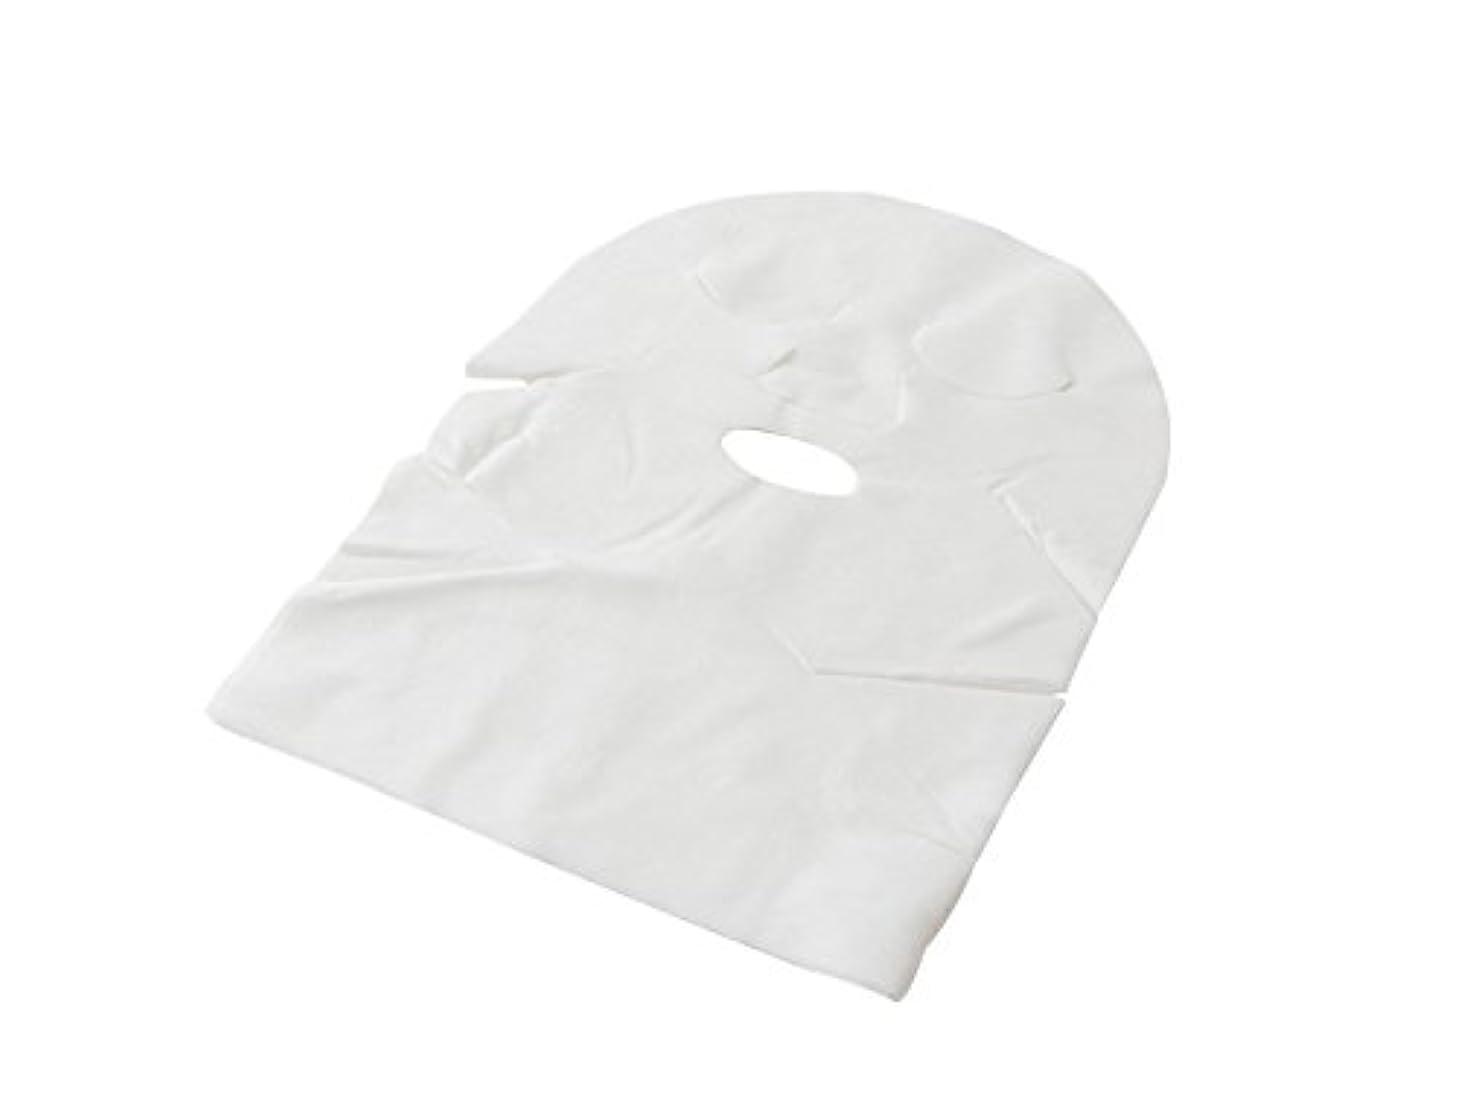 酸補助あえぎ【業務用 高品質】フェイスマスク フェイスシート ネック付 化粧水パック/ローションパック用